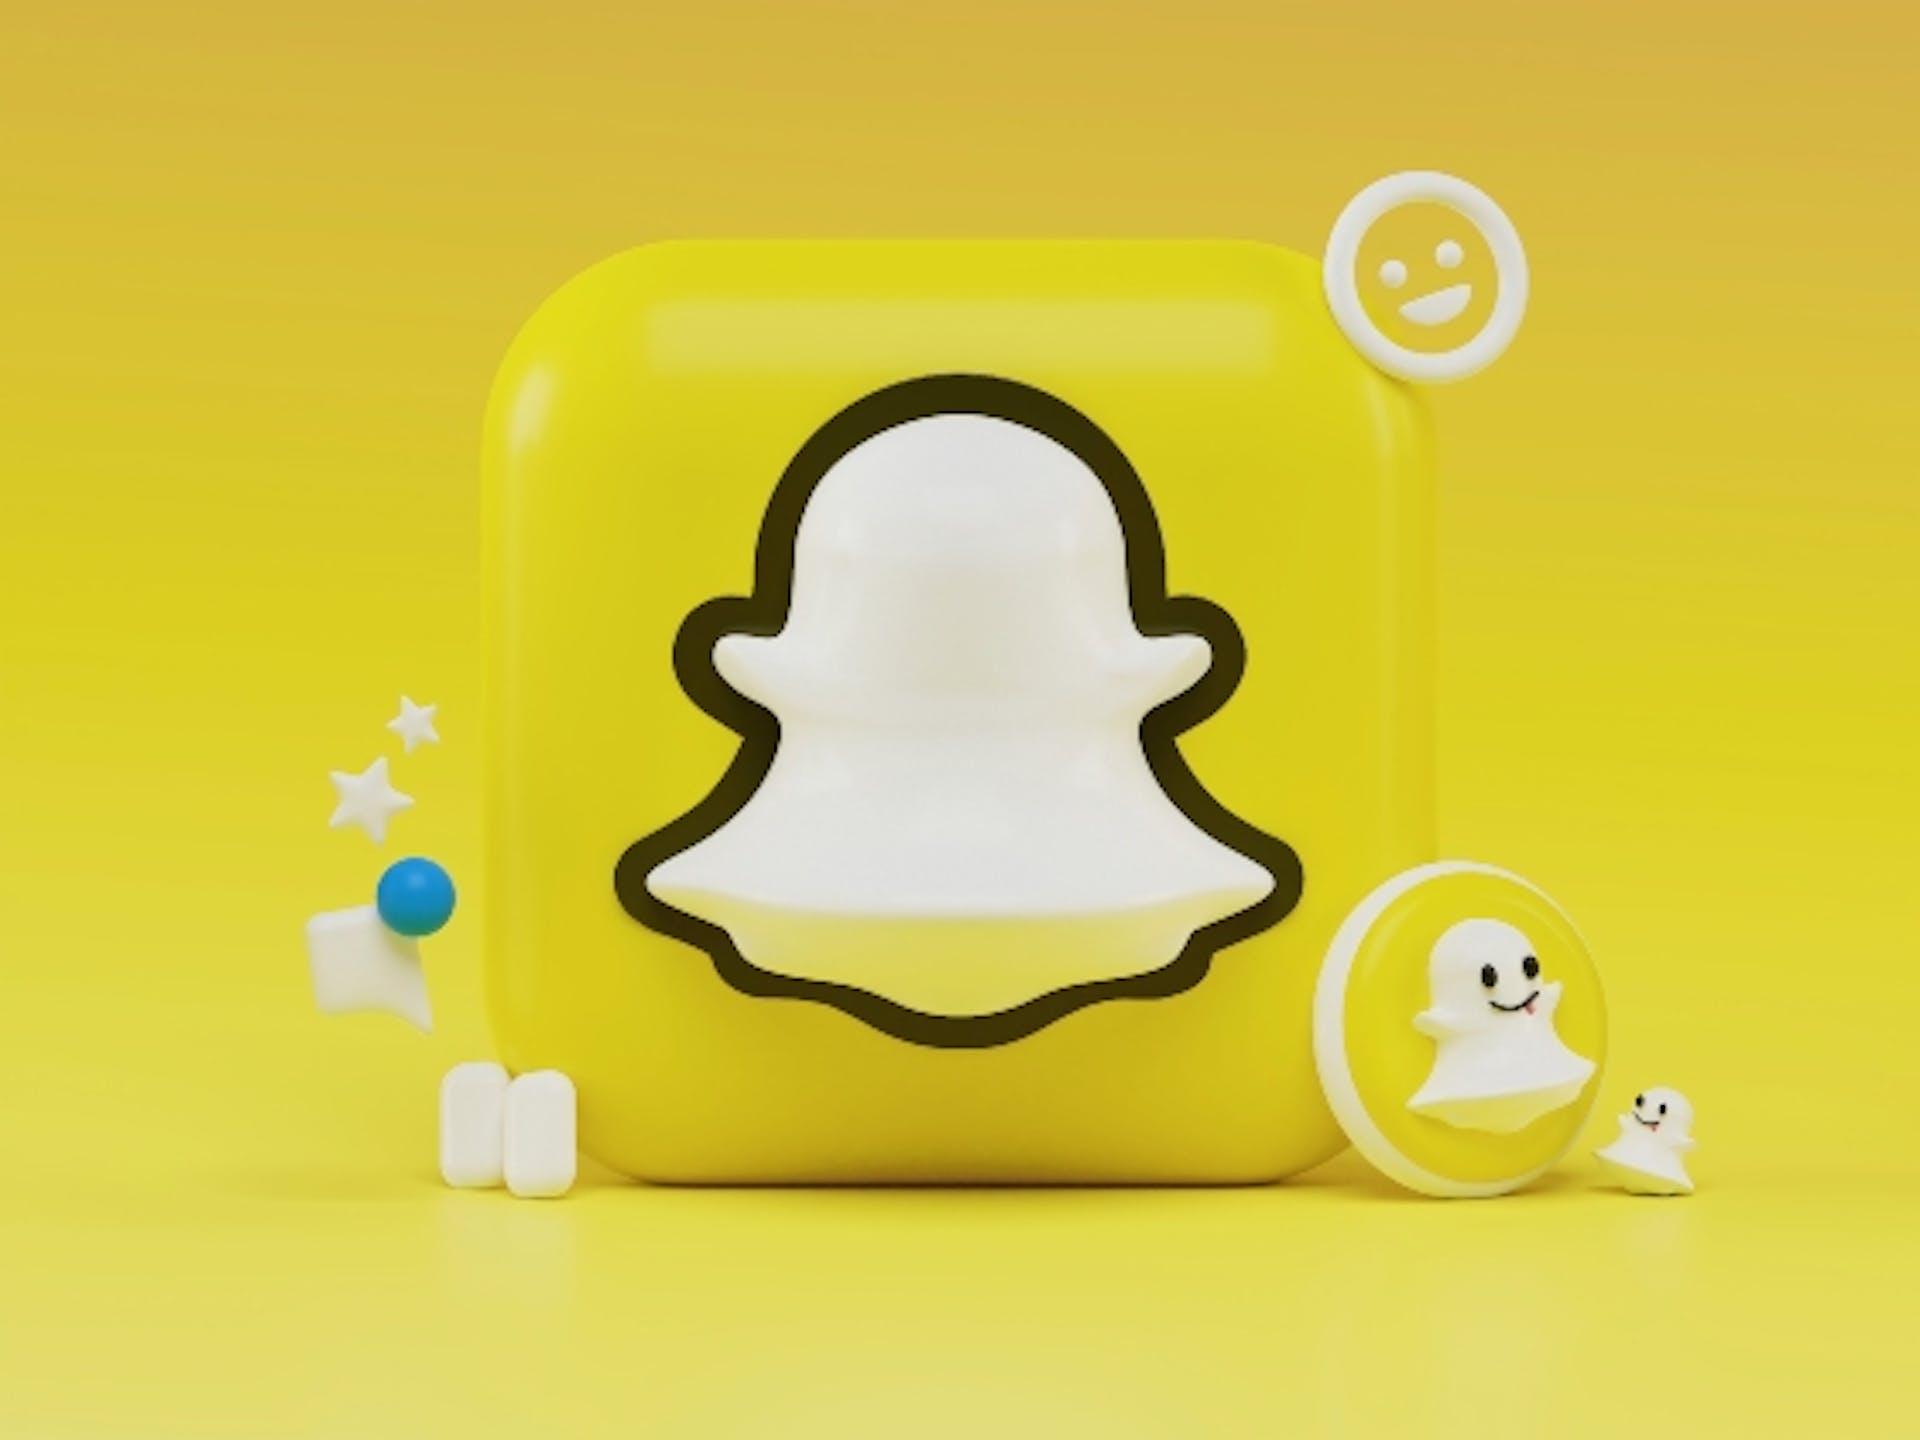 Aprende a cerrar sesión en SnapChat sin perder tus fotos y videos divertidos